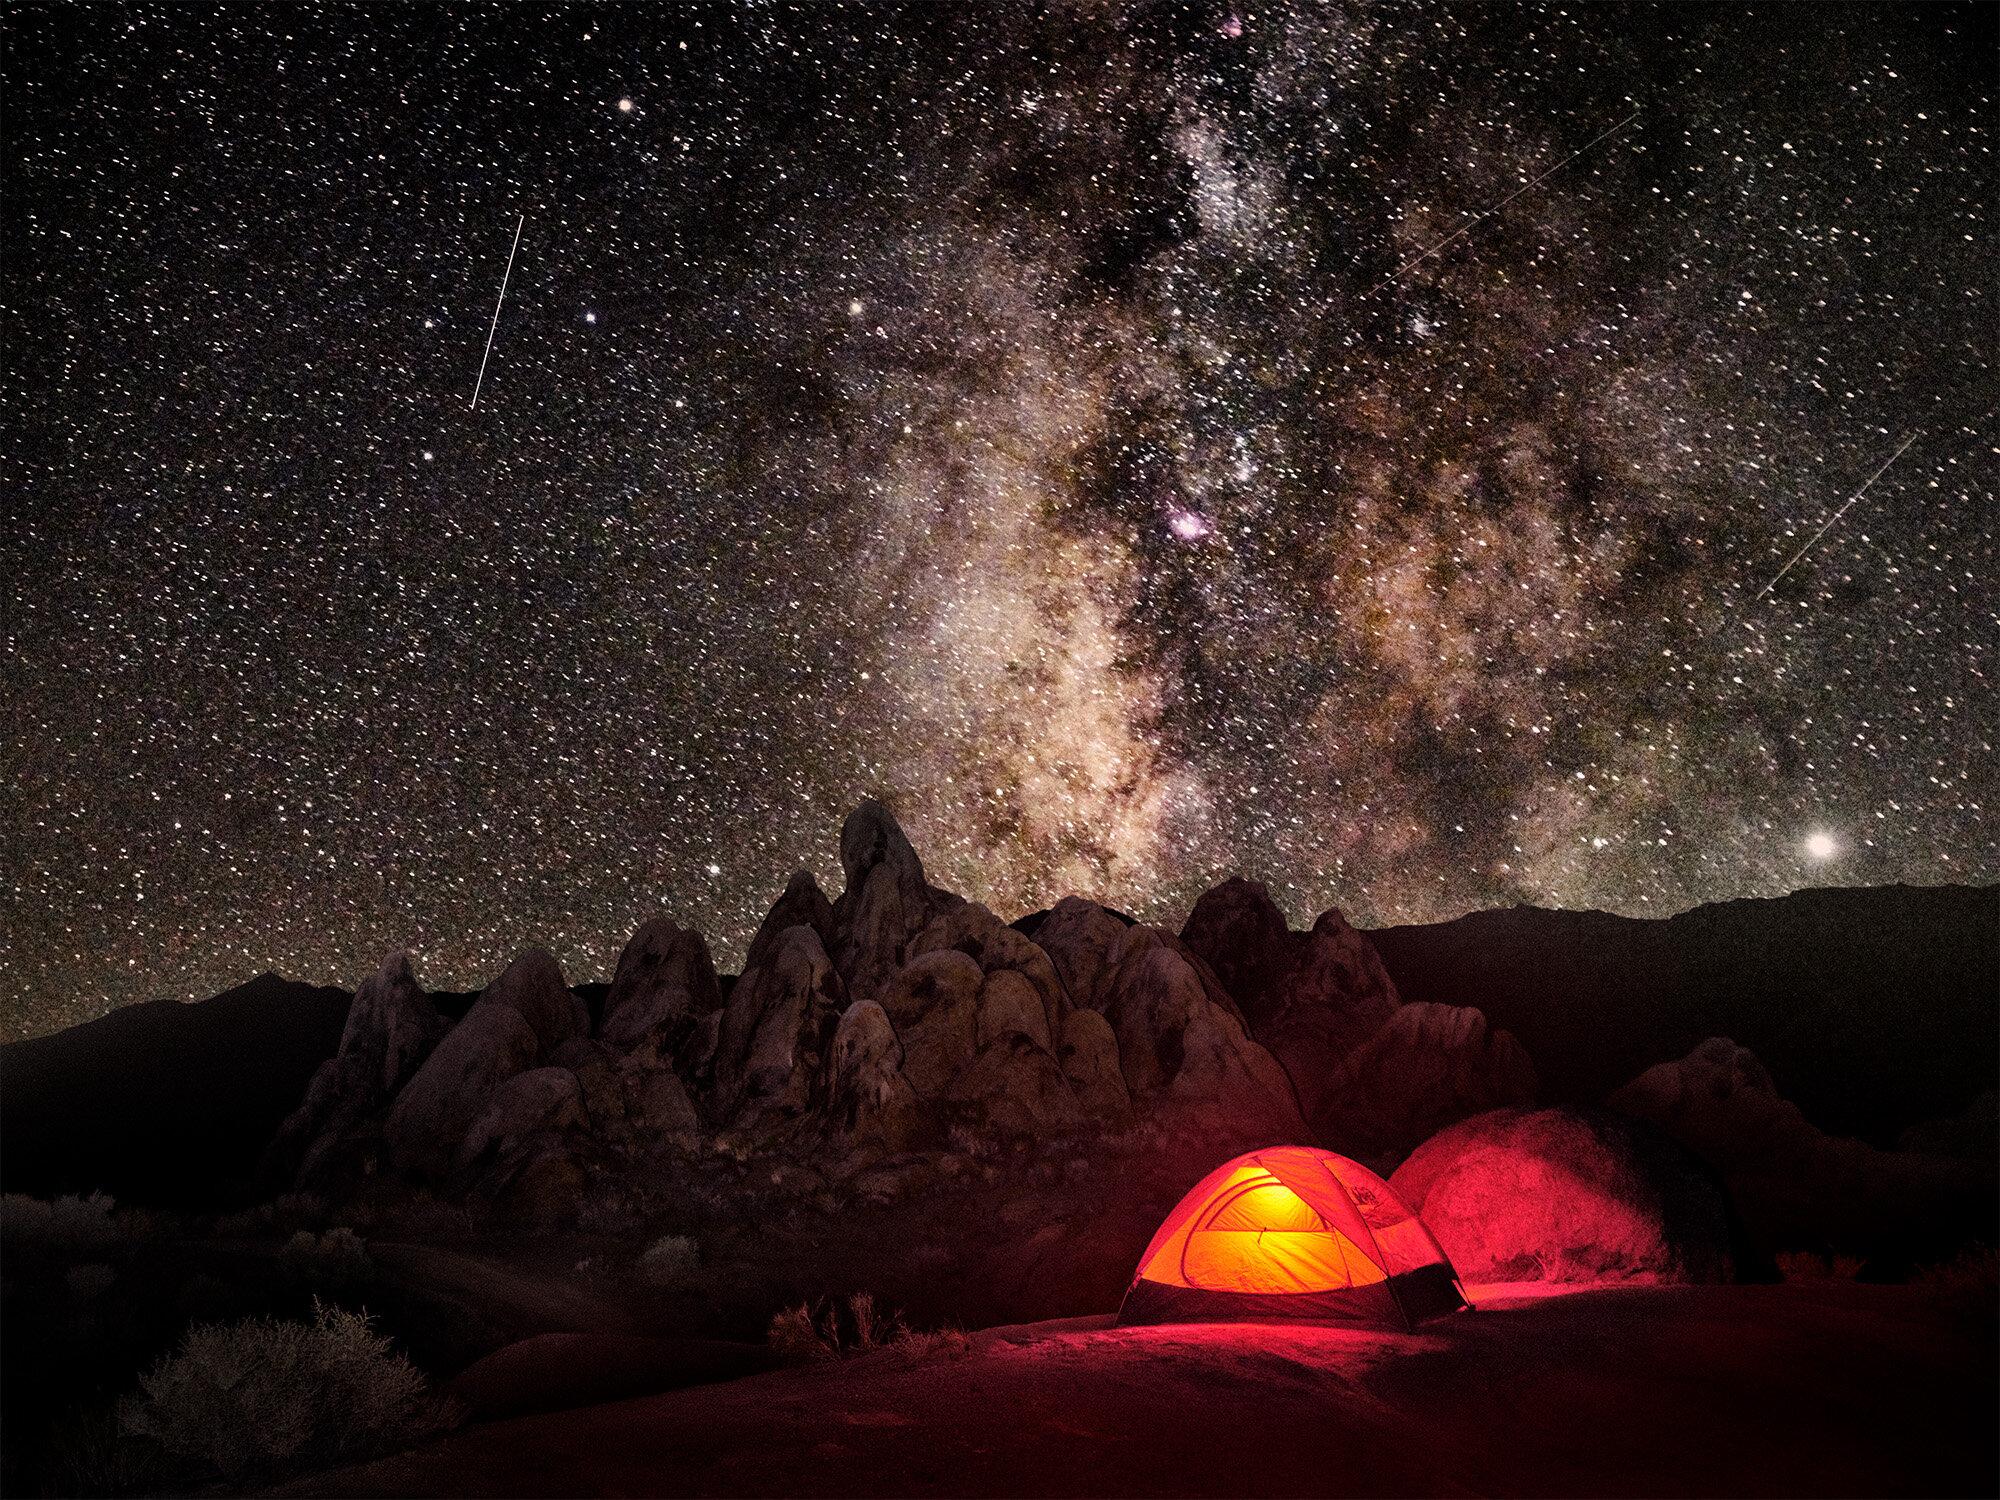 FM1302_Tent and Stars_F2_RGB.jpg